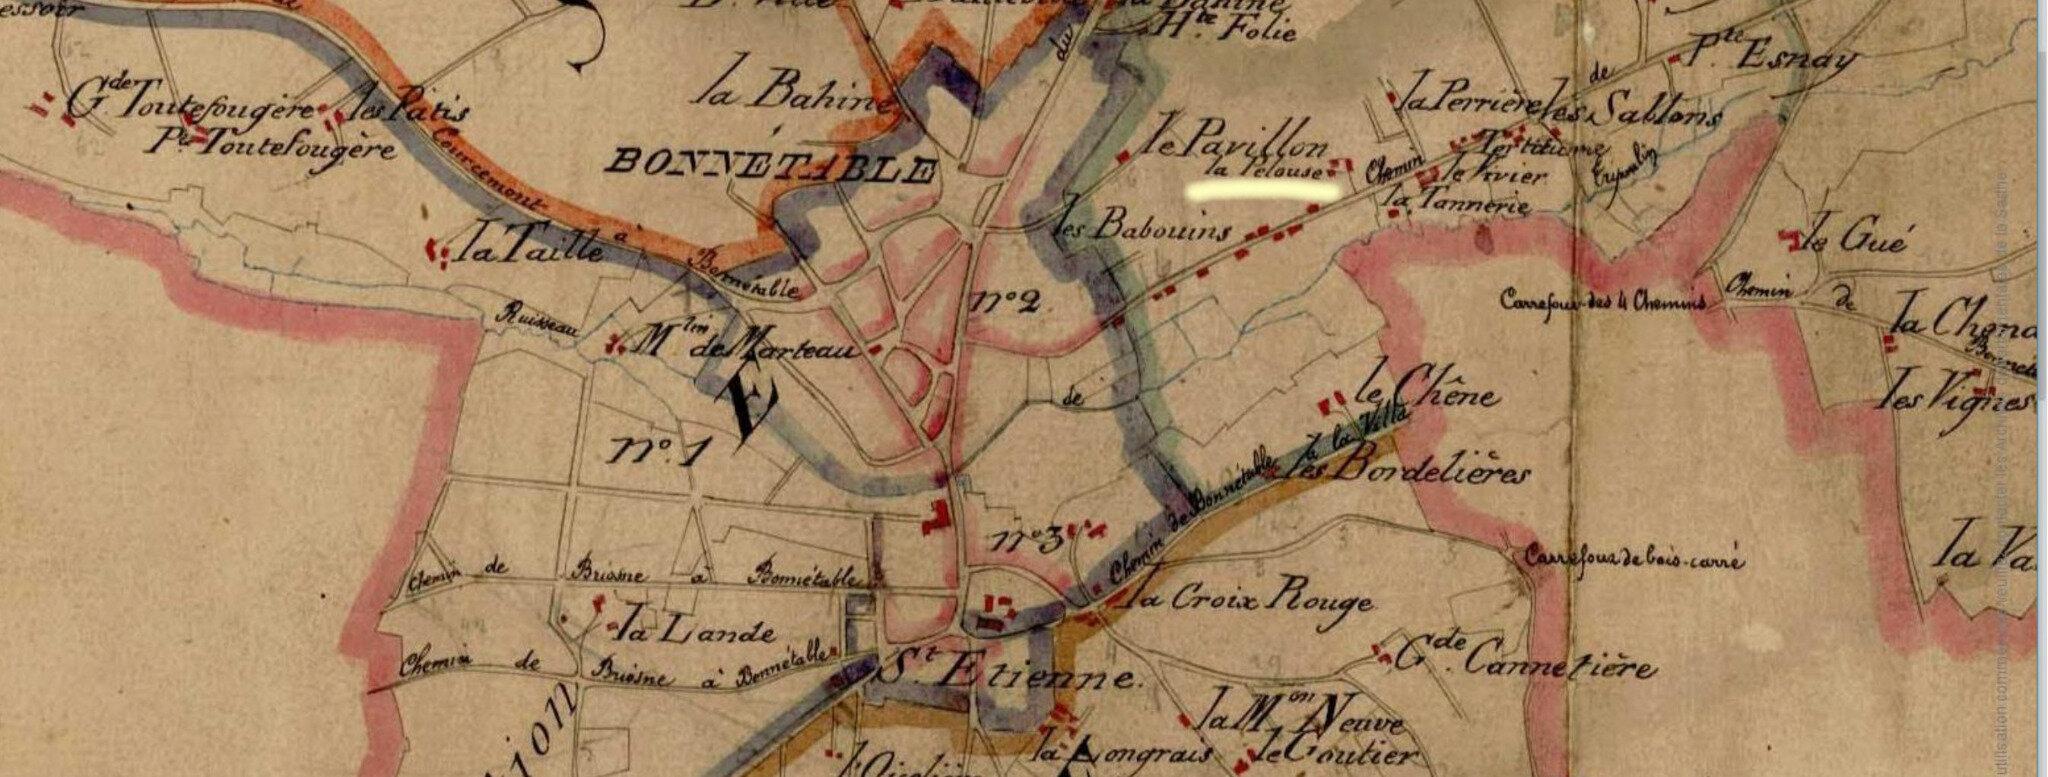 Le 27 septembre 1789 à Bonnétable : choix du lieu des foires.